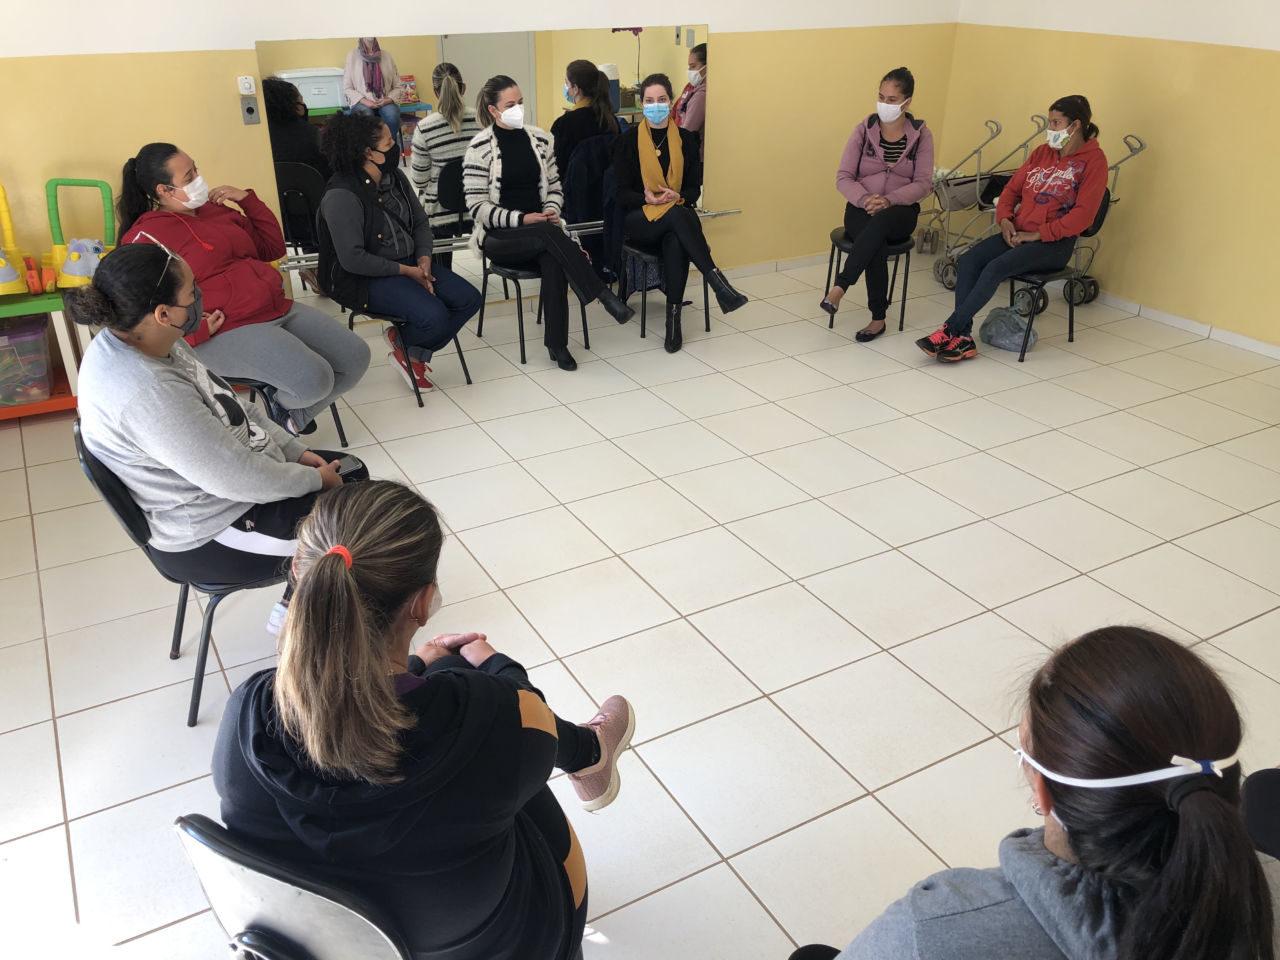 Mulheres usando máscaras e sentadas em semicírculo conversando, com um espelho horizontal ao fundo da sala